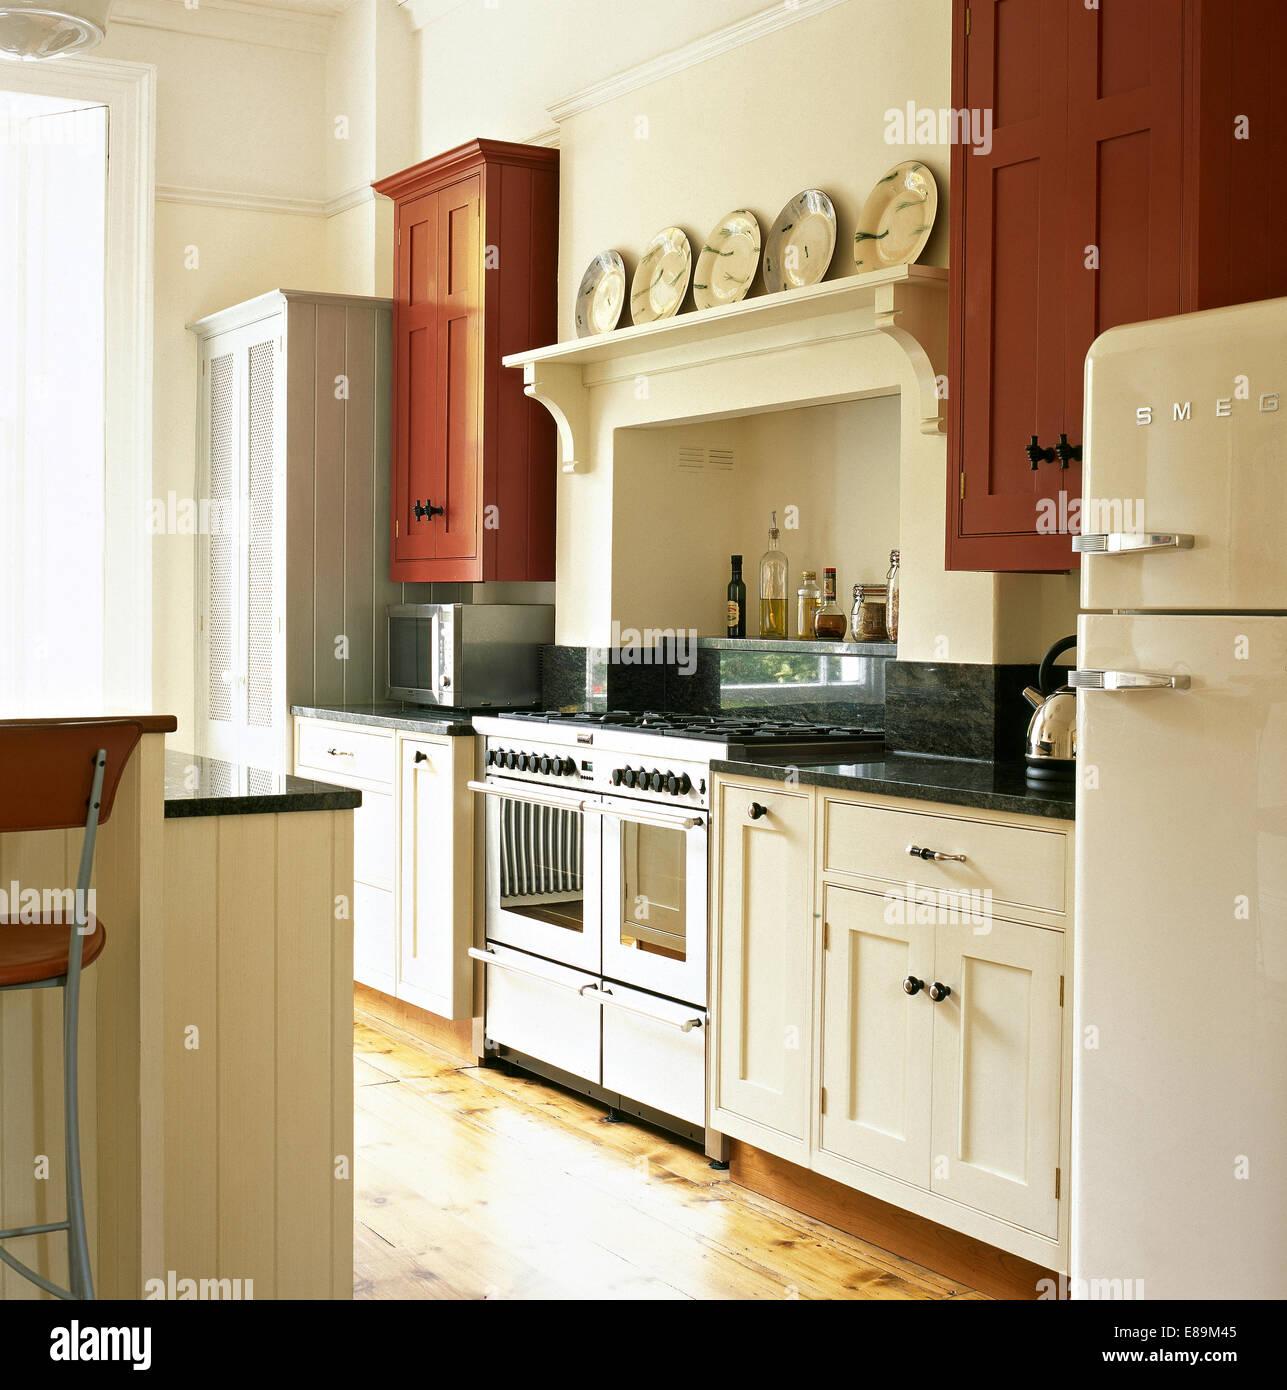 herd und smeg k hlschrank im bauernk che mit shaker stil ausgestattete einheiten stockfoto bild. Black Bedroom Furniture Sets. Home Design Ideas